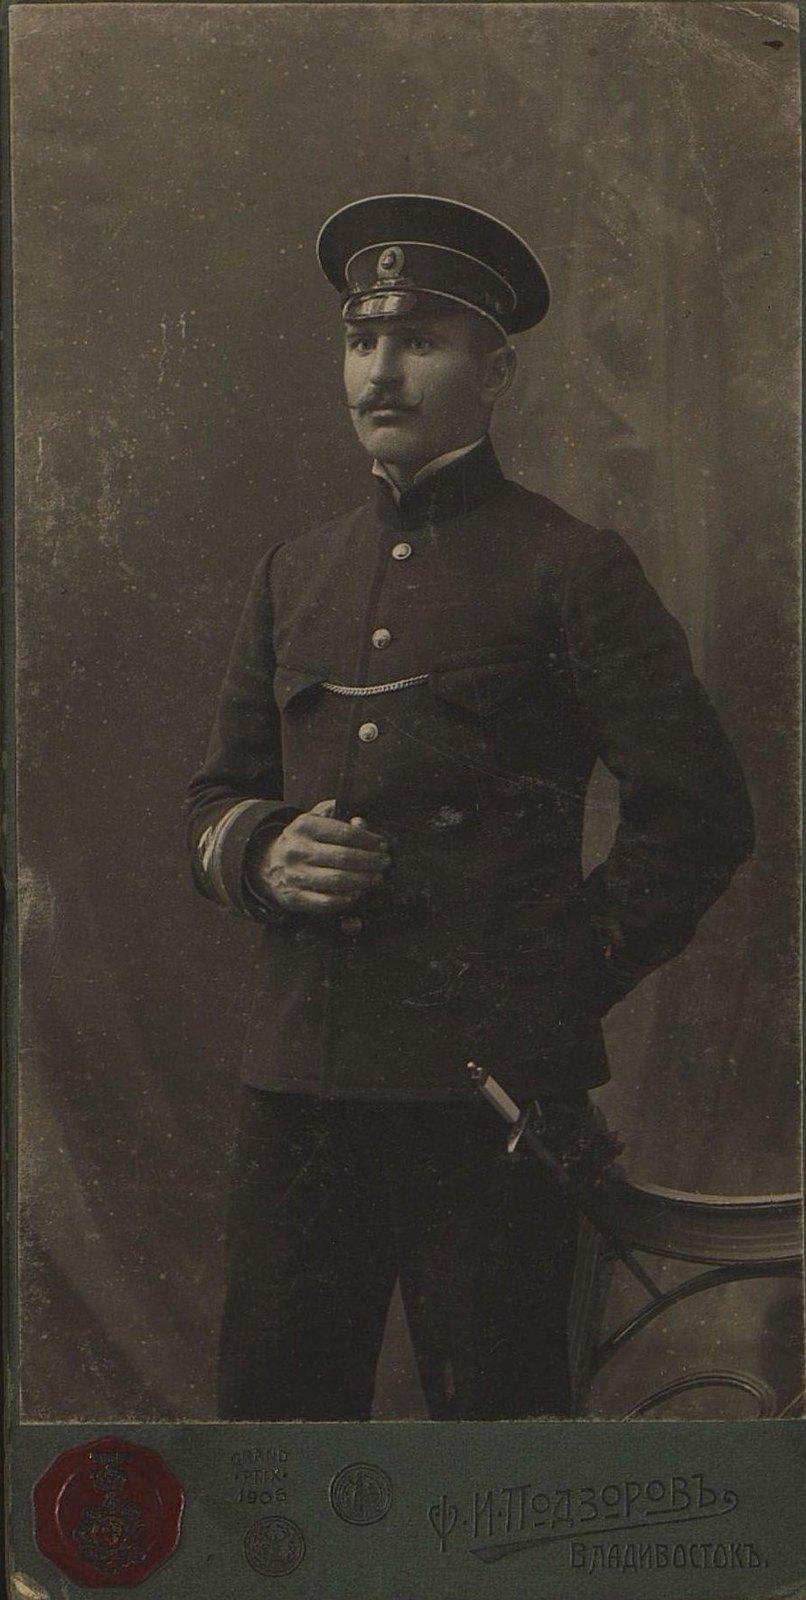 Сироткин Василий Степанович, помощник начальника Гидрографической экспедиции Восточного океана. 1912